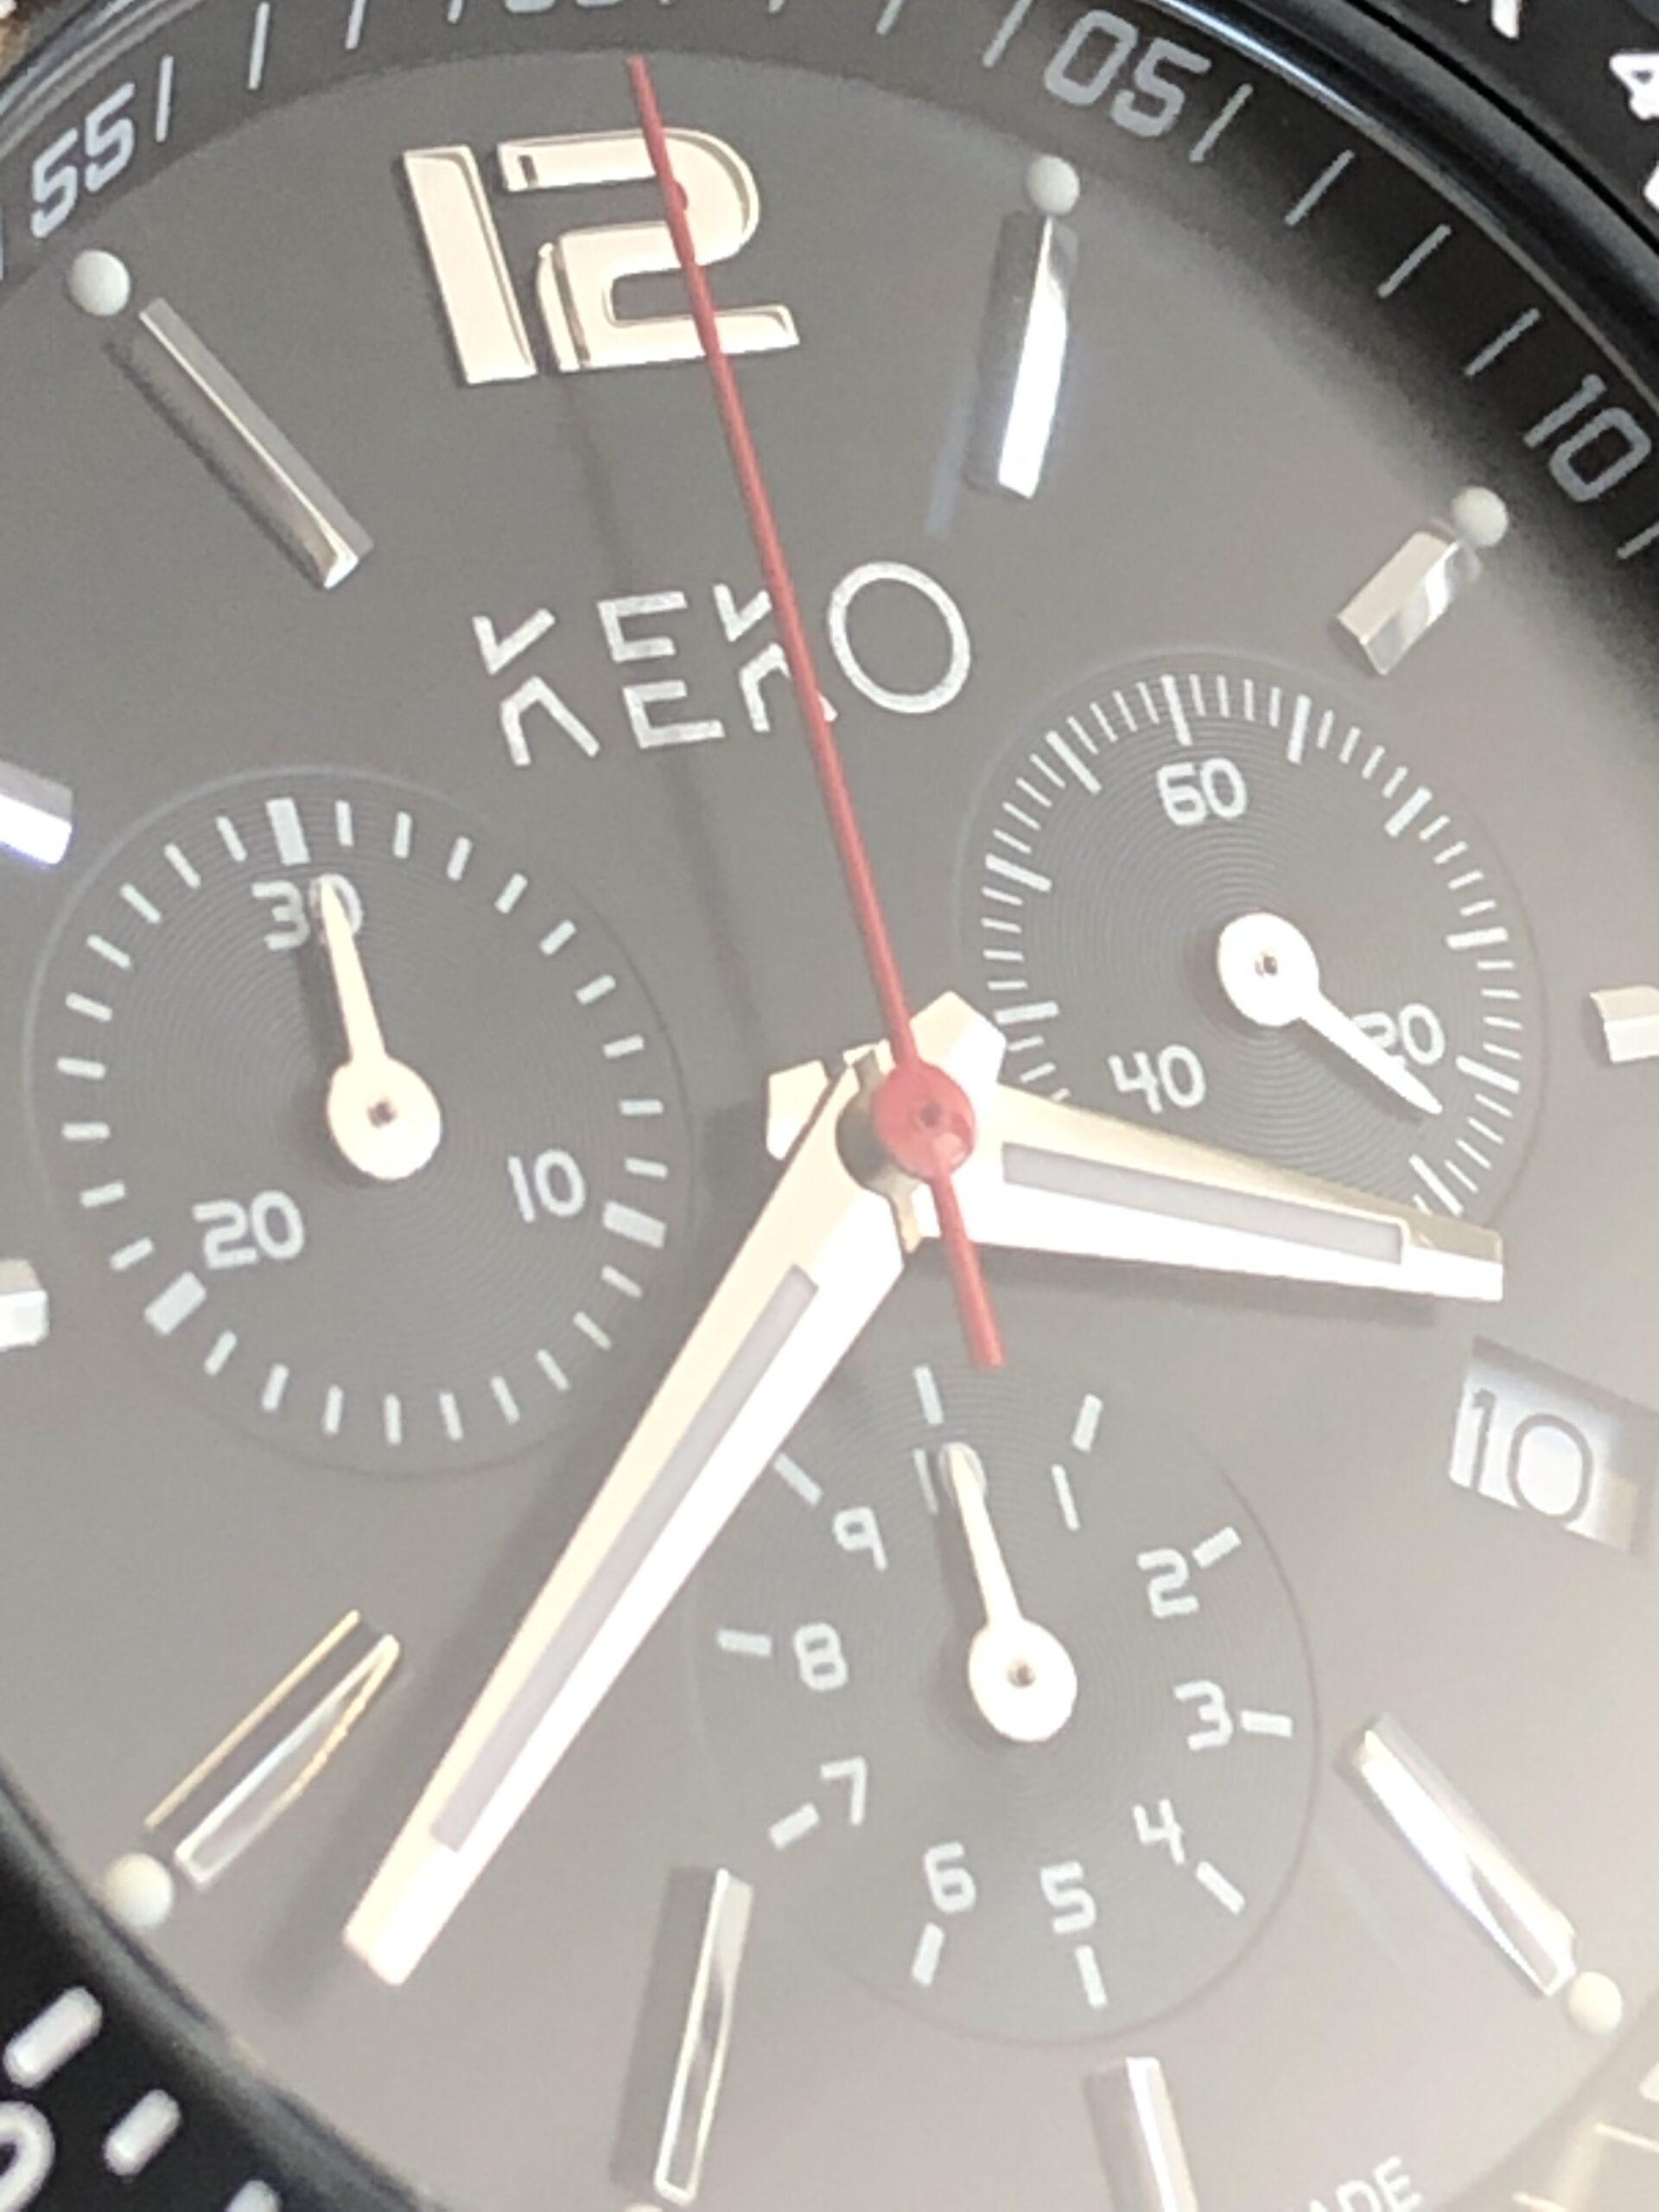 keko-chronograph-outdoor-adventure-mit-grünem-nylon-armband-seitenansicht